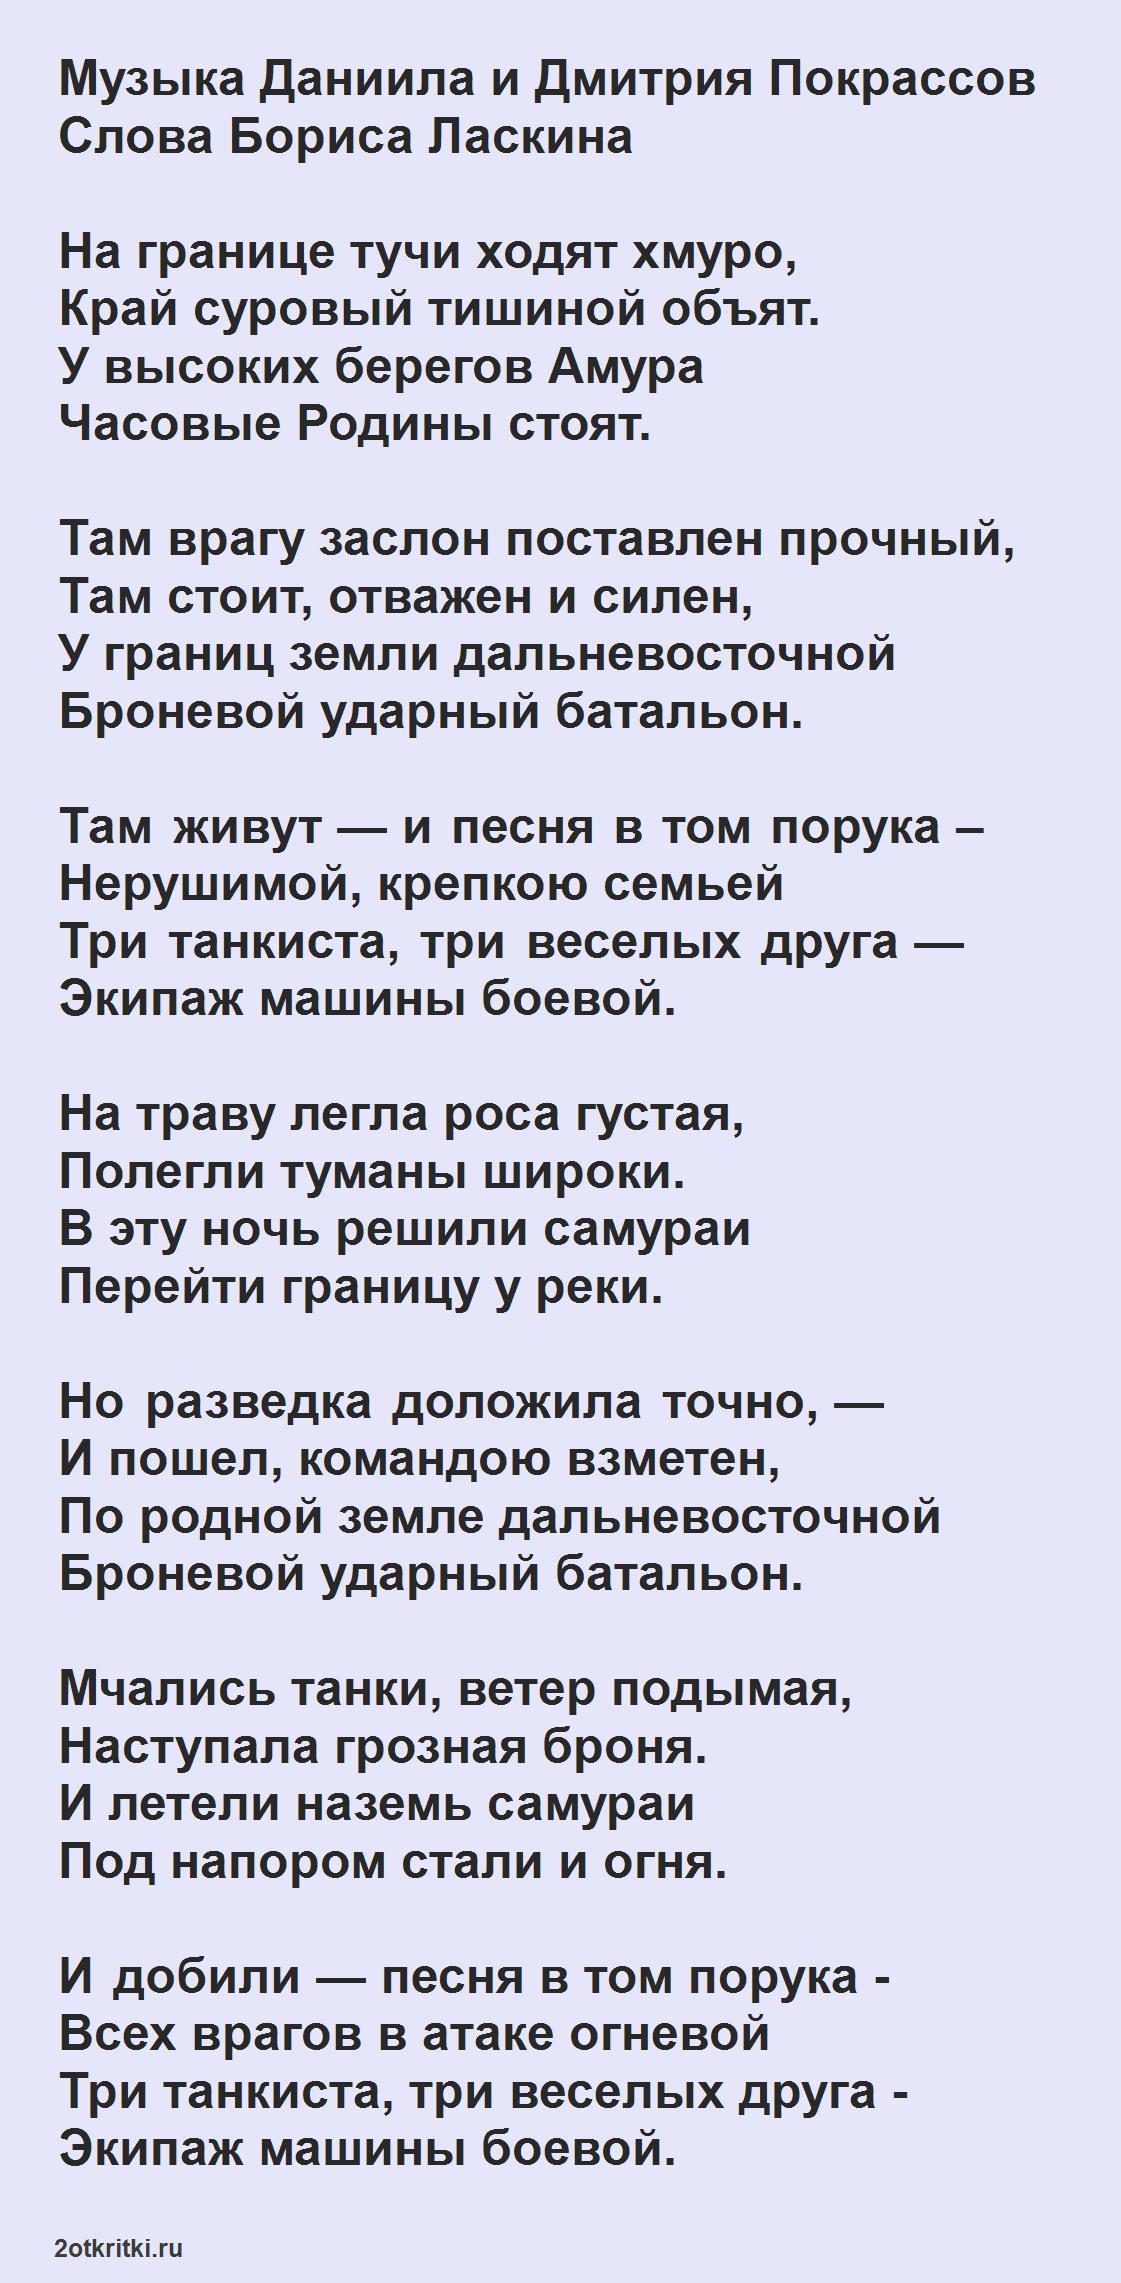 Песня 23 февраля, детский сад